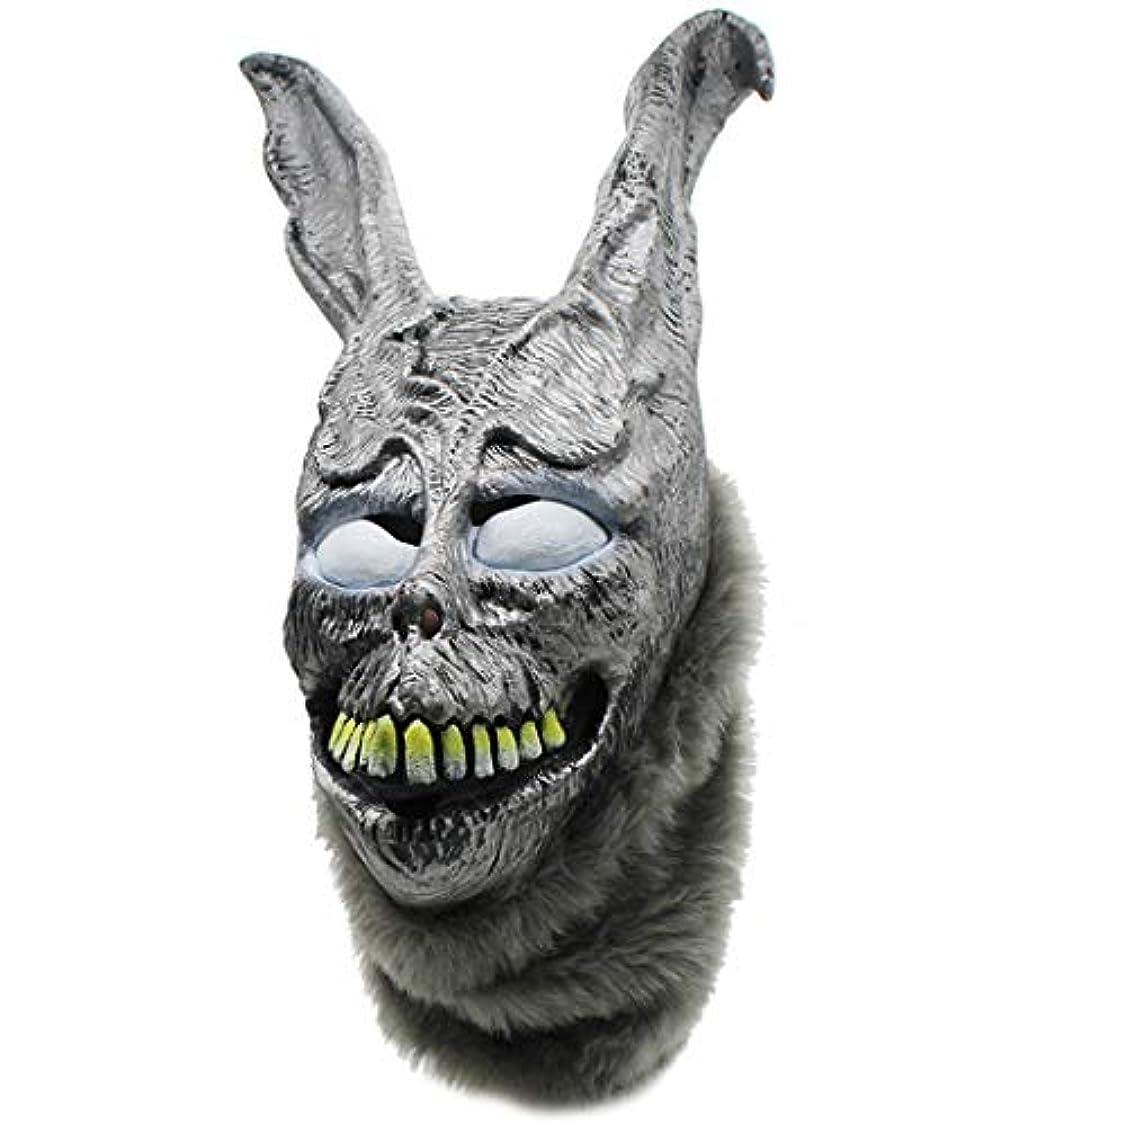 洞察力のある寛解裕福な怒っているウサギのマスクフランク悪シルバーラビットアニマルヘッドギアパーティーアニマルマスク